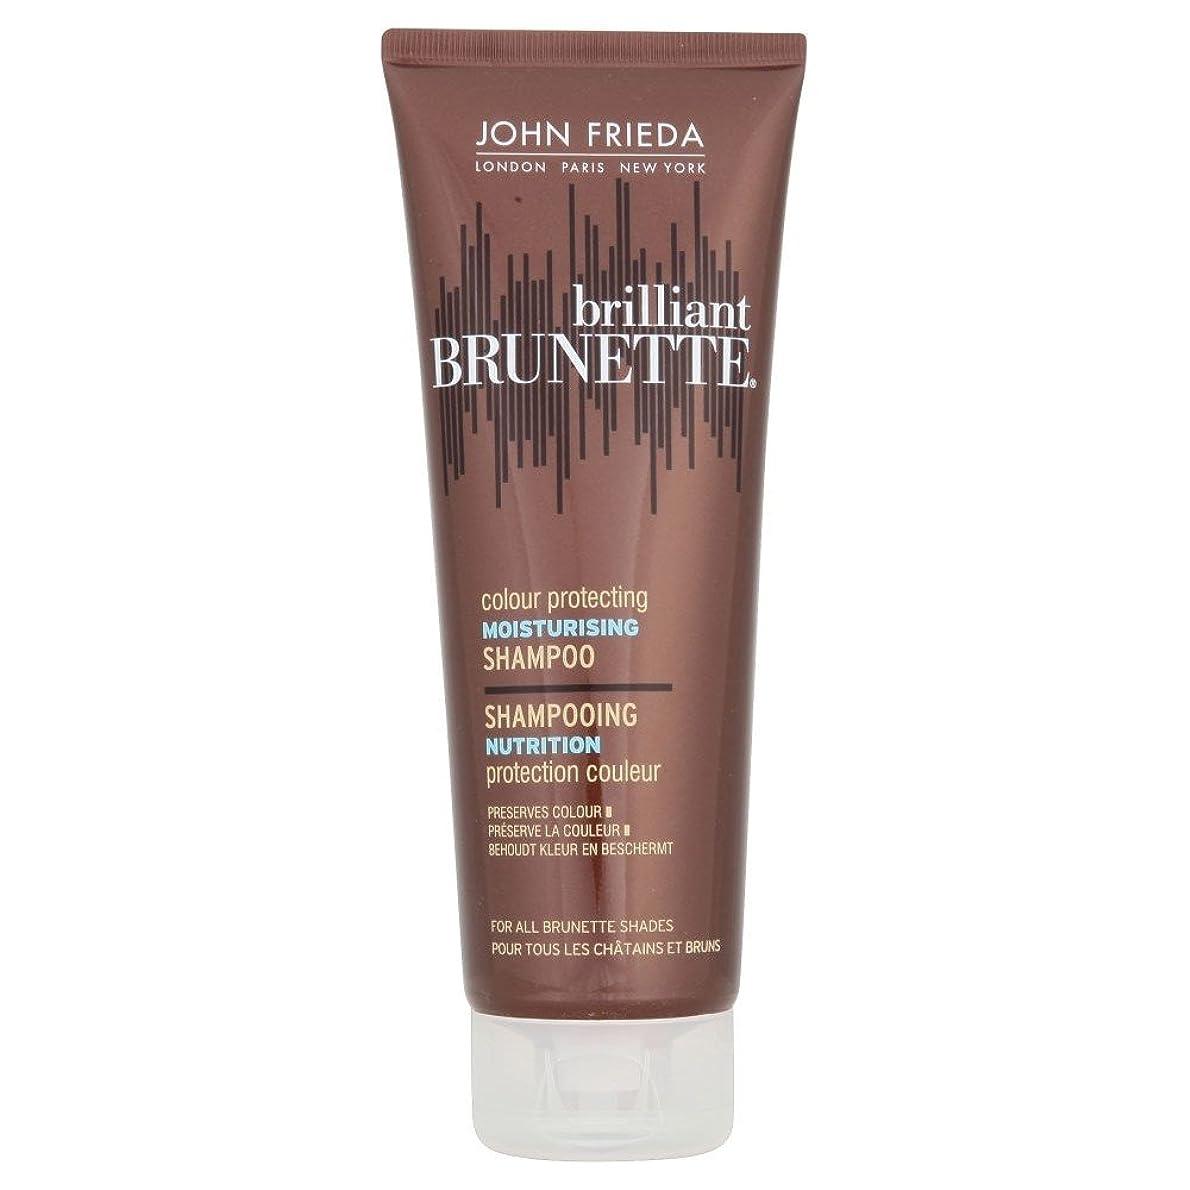 もつれヘビー栄光John Frieda Brilliant Brunette Moisturising Shampoo - for All Brunettes (250ml) ジョン?フリーダ鮮やかなブルネットの保湿シャンプー - すべての黒髪用( 250ミリリットル) [並行輸入品]